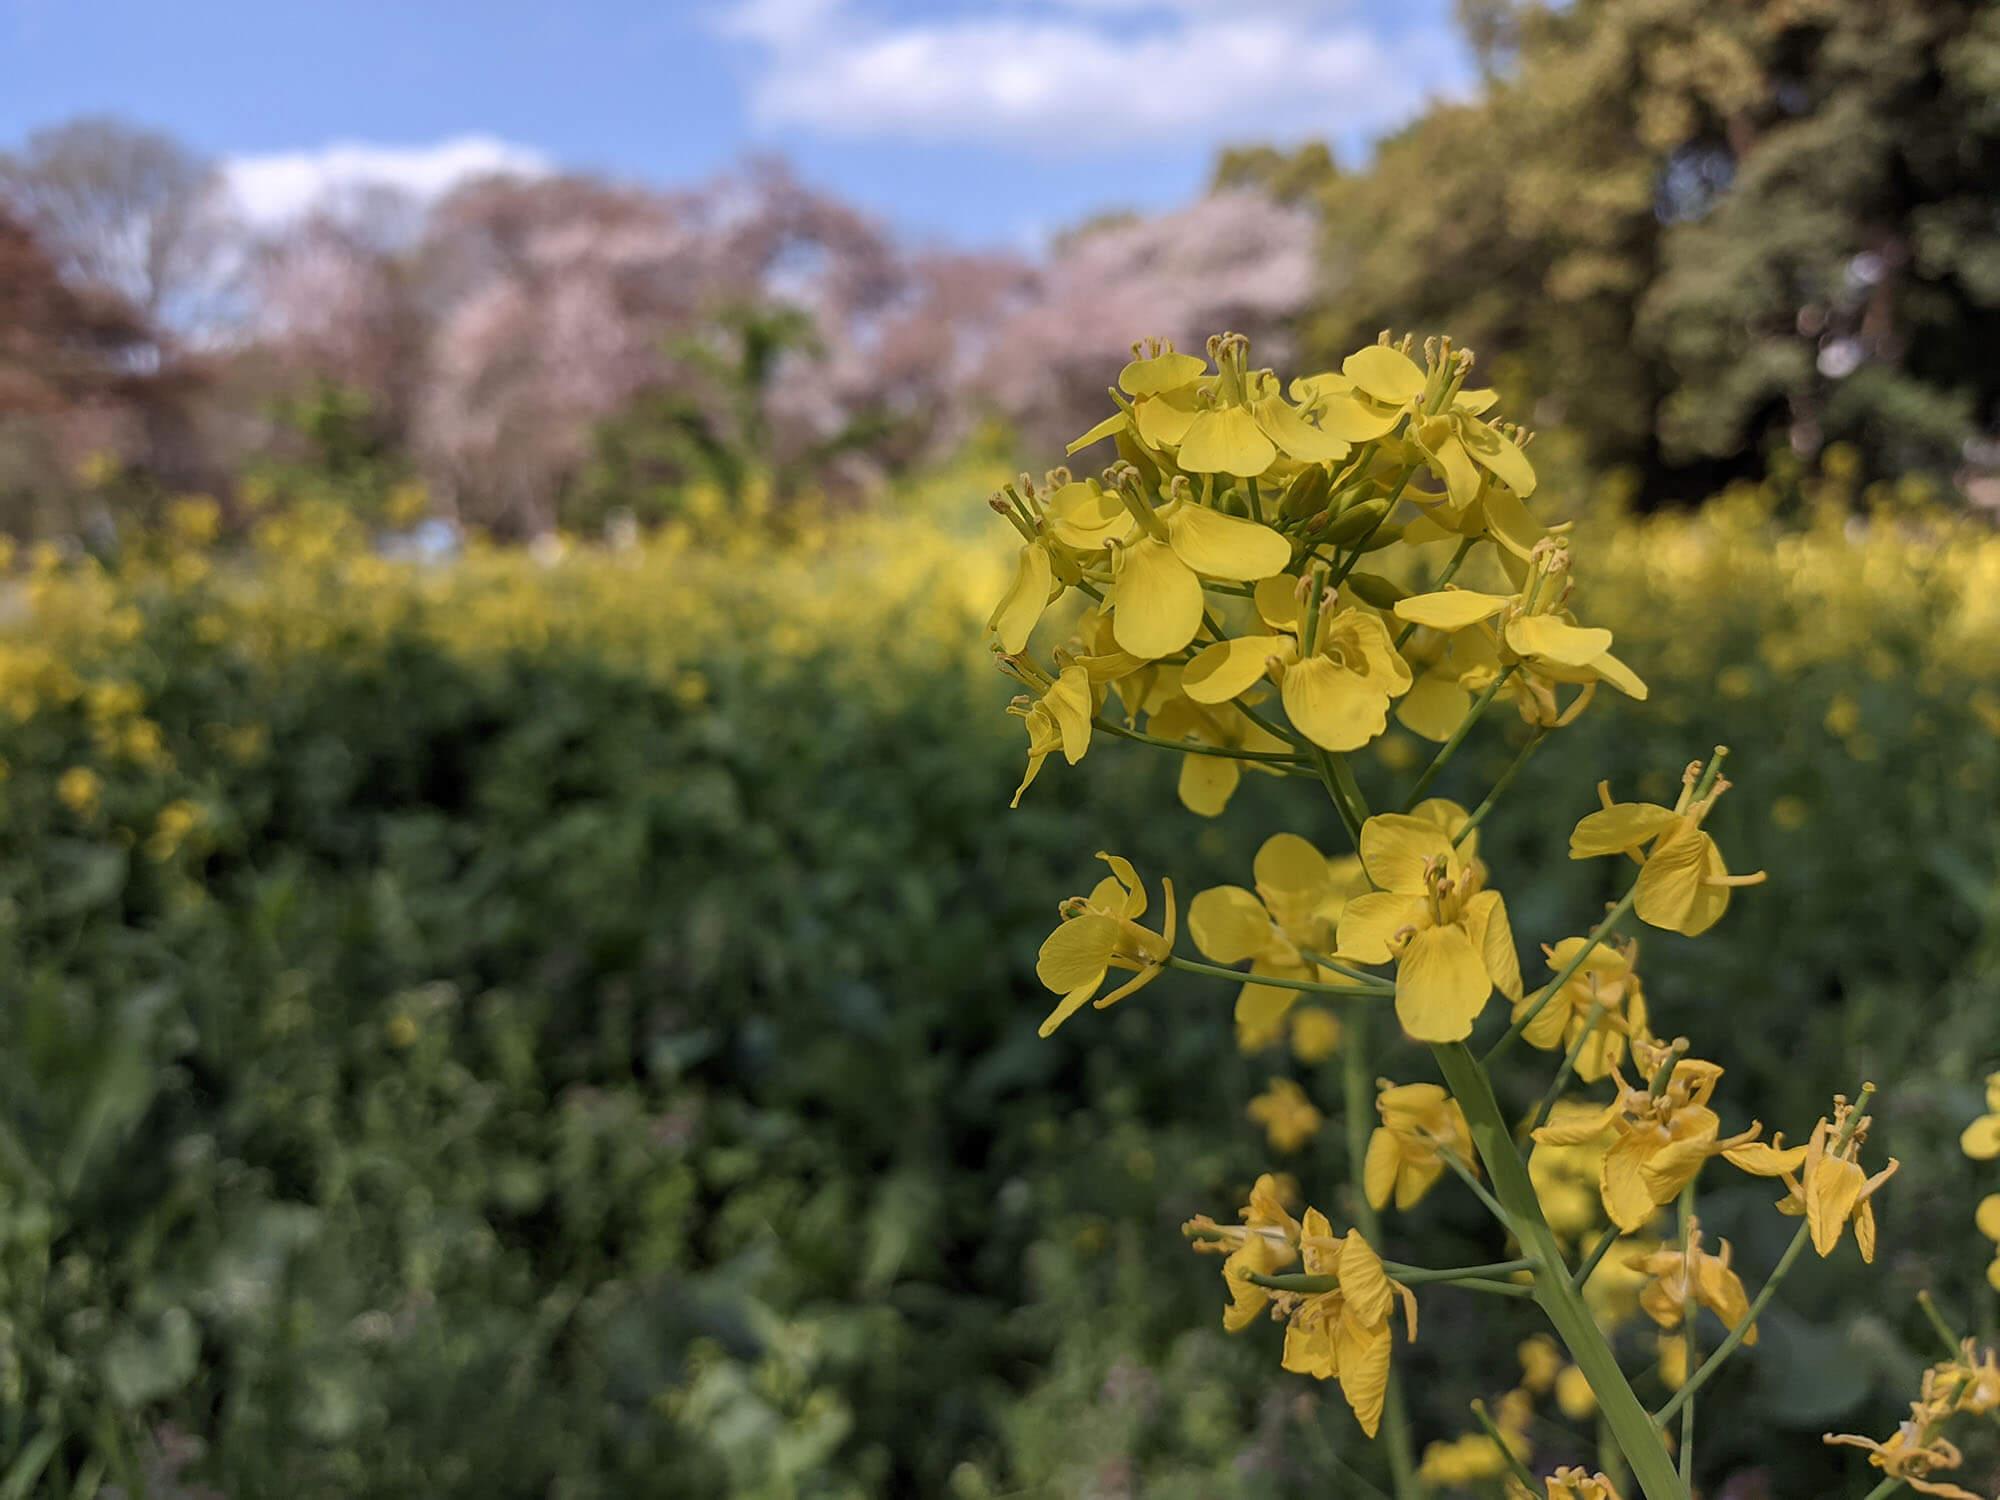 Redmi 9Tで撮影した菜の花と桜の写真